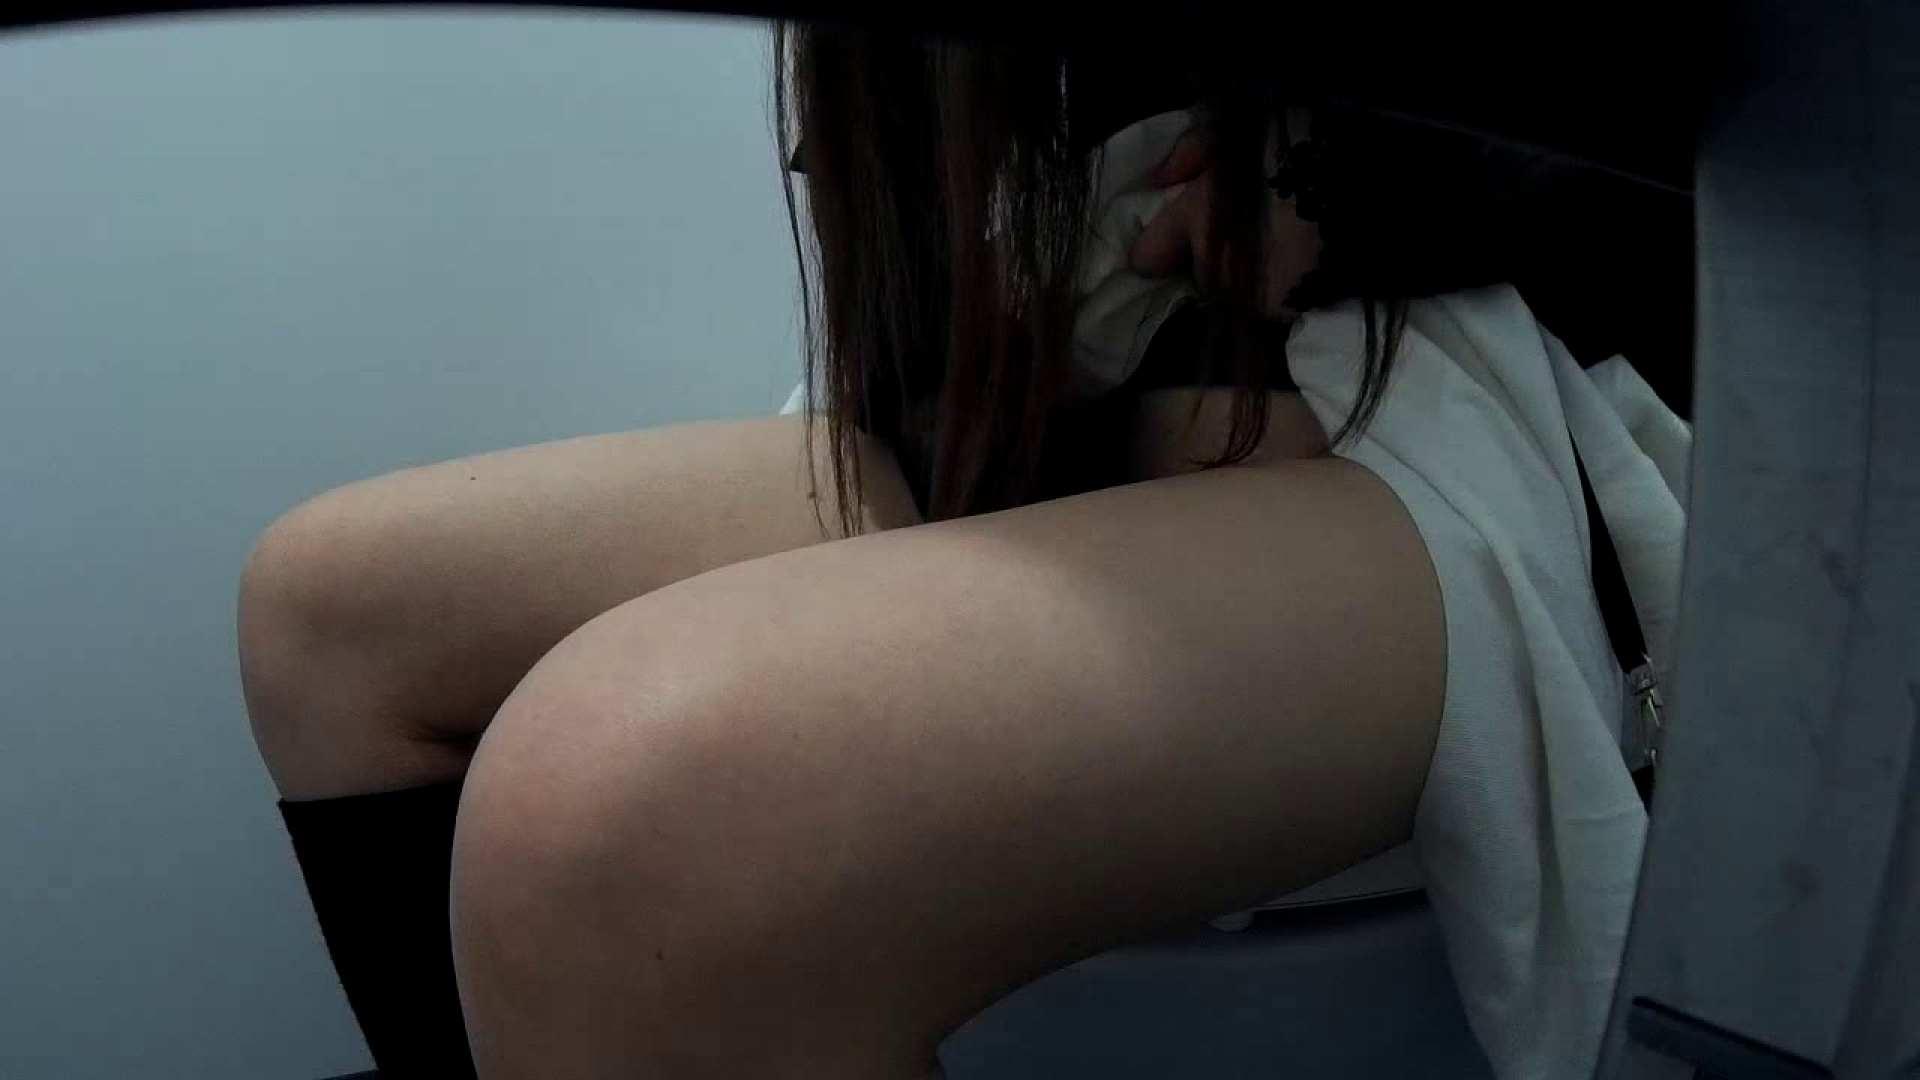 某有名大学女性洗面所 vol.34 今回は、2カメでばっちりいっちゃいました。 お姉さんのSEX エロ画像 83枚 12